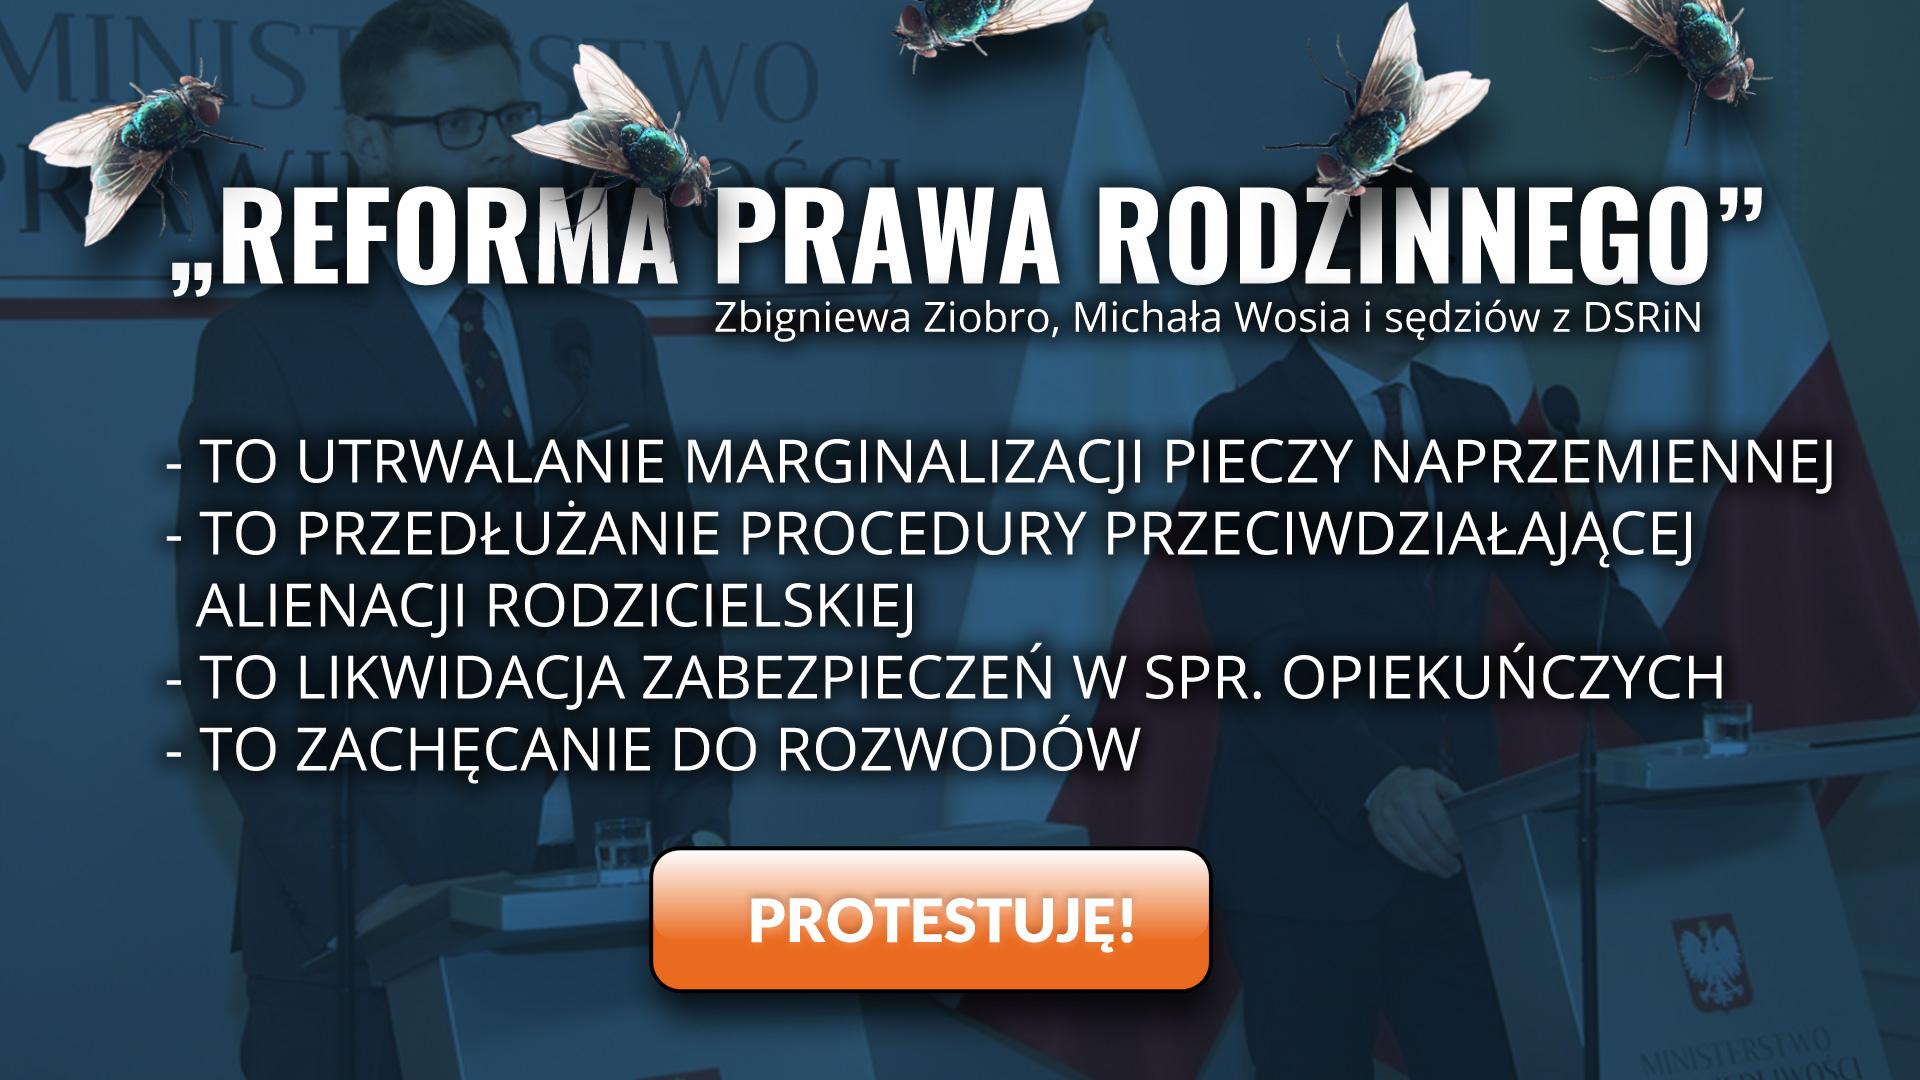 protest-przeciwko-reformie-prawa-rodzinnego-ud392/